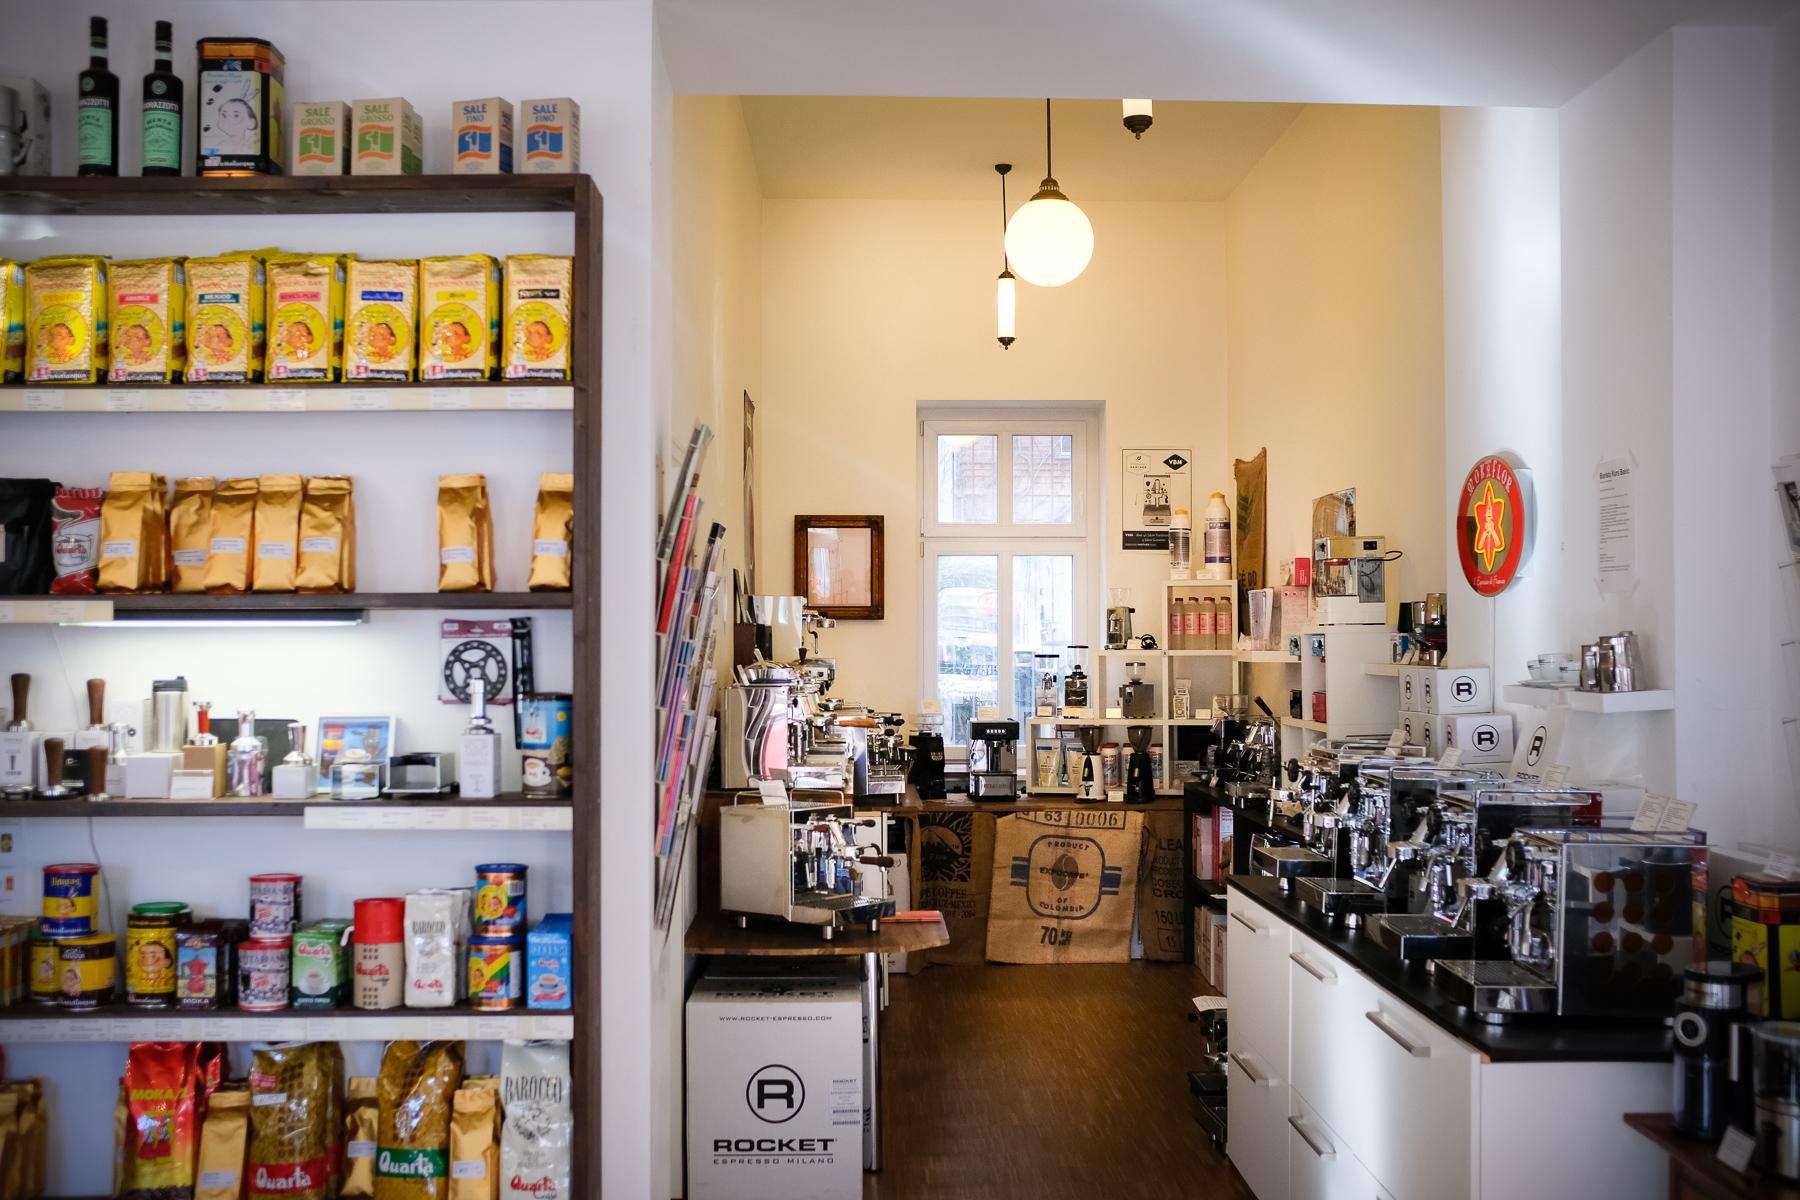 Innenansicht Espresso Fachgeschäft in der Greifswalder Straße 210, Berlin.